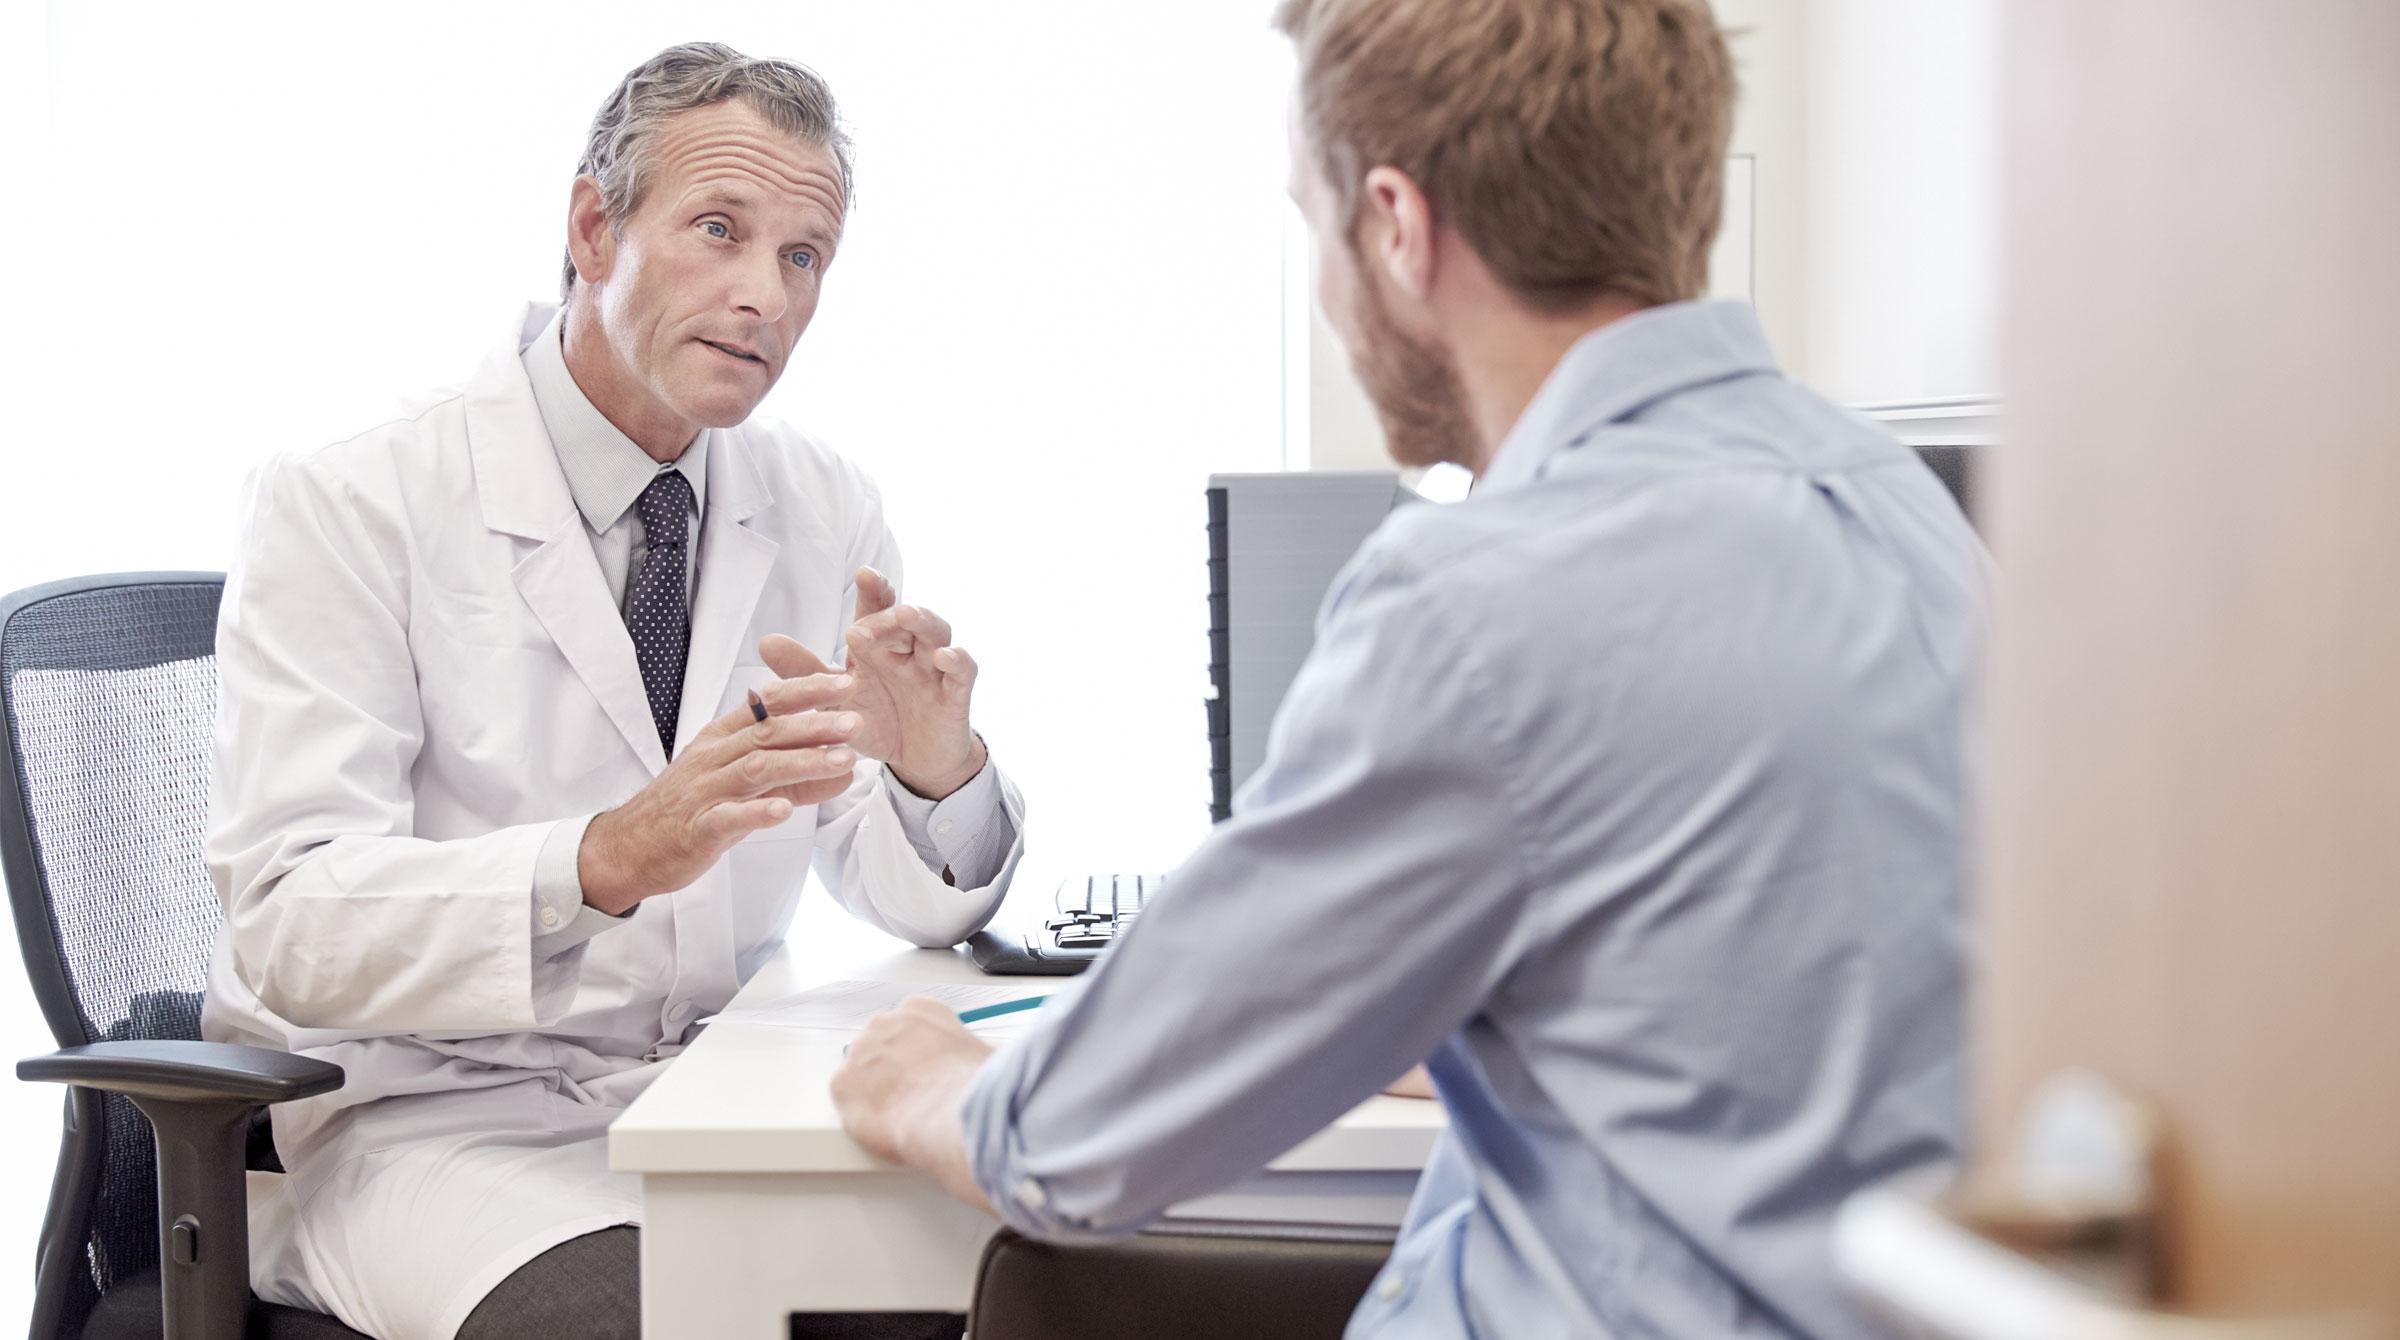 Teaserbild Vorteile Private Krankenversicherung